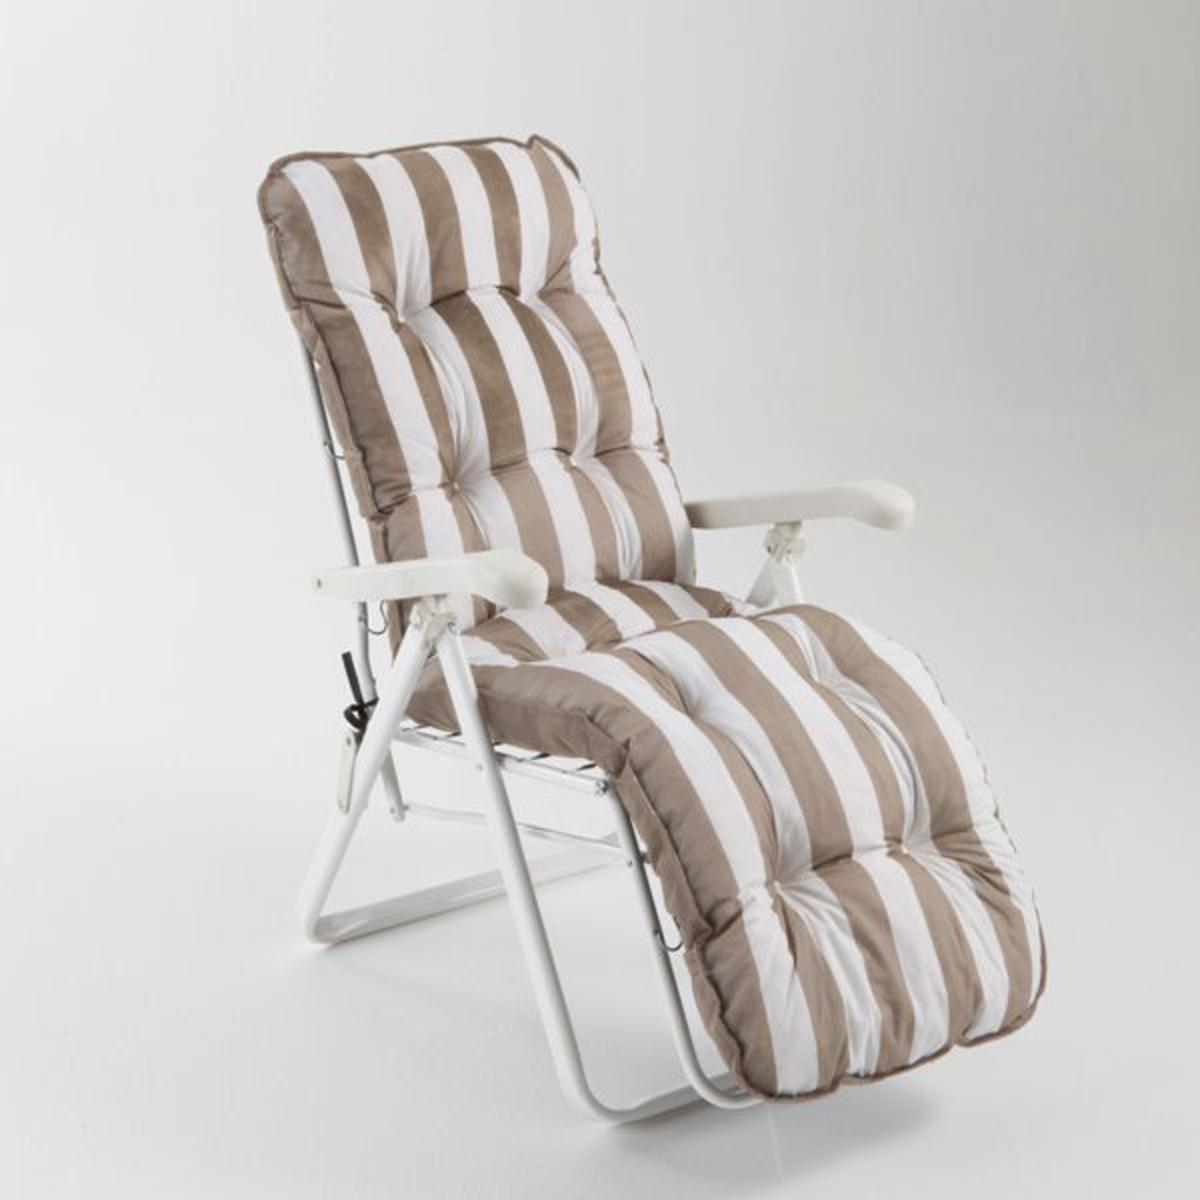 Кресло для отдыха садовое, складноеСкладное кресло для отдыха. Комфортное и эстетичное большое кресло с несколькими положениями обеспечивает приятный комфорт во время послеобеденного отдыха...Балансирные ножки продаются отдельно на нашем сайте. качество VALEUR S?RE.Характеристики :- Каркас из металлических трубок, покрытых эпоксидной краской (диаметр 4,5 см).- Обивка : лицевая сторона: 100% хлопок, оборотная сторона: 100% полиэстер.- Полиуретановый наполнитель, толщина 12 см.- Регулируется, несколько положений.Это кресло поставляется в собранном виде.Складное, легко собирать и перевозить .Общие размеры :- В положении сидя : Ш.62,5 x В.102,5 x Г.84 см- В положении лежа : Ш.140 x В.82 x Г.62,5 см.- В собранном виде : Ш.30 x В.91 x Г.62,5 см.Возможна доставка до квартиры по предварительной договоренности. Возврат или обмен в течение 2х недель.<br><br>Цвет: зеленый,серо-коричневый каштан